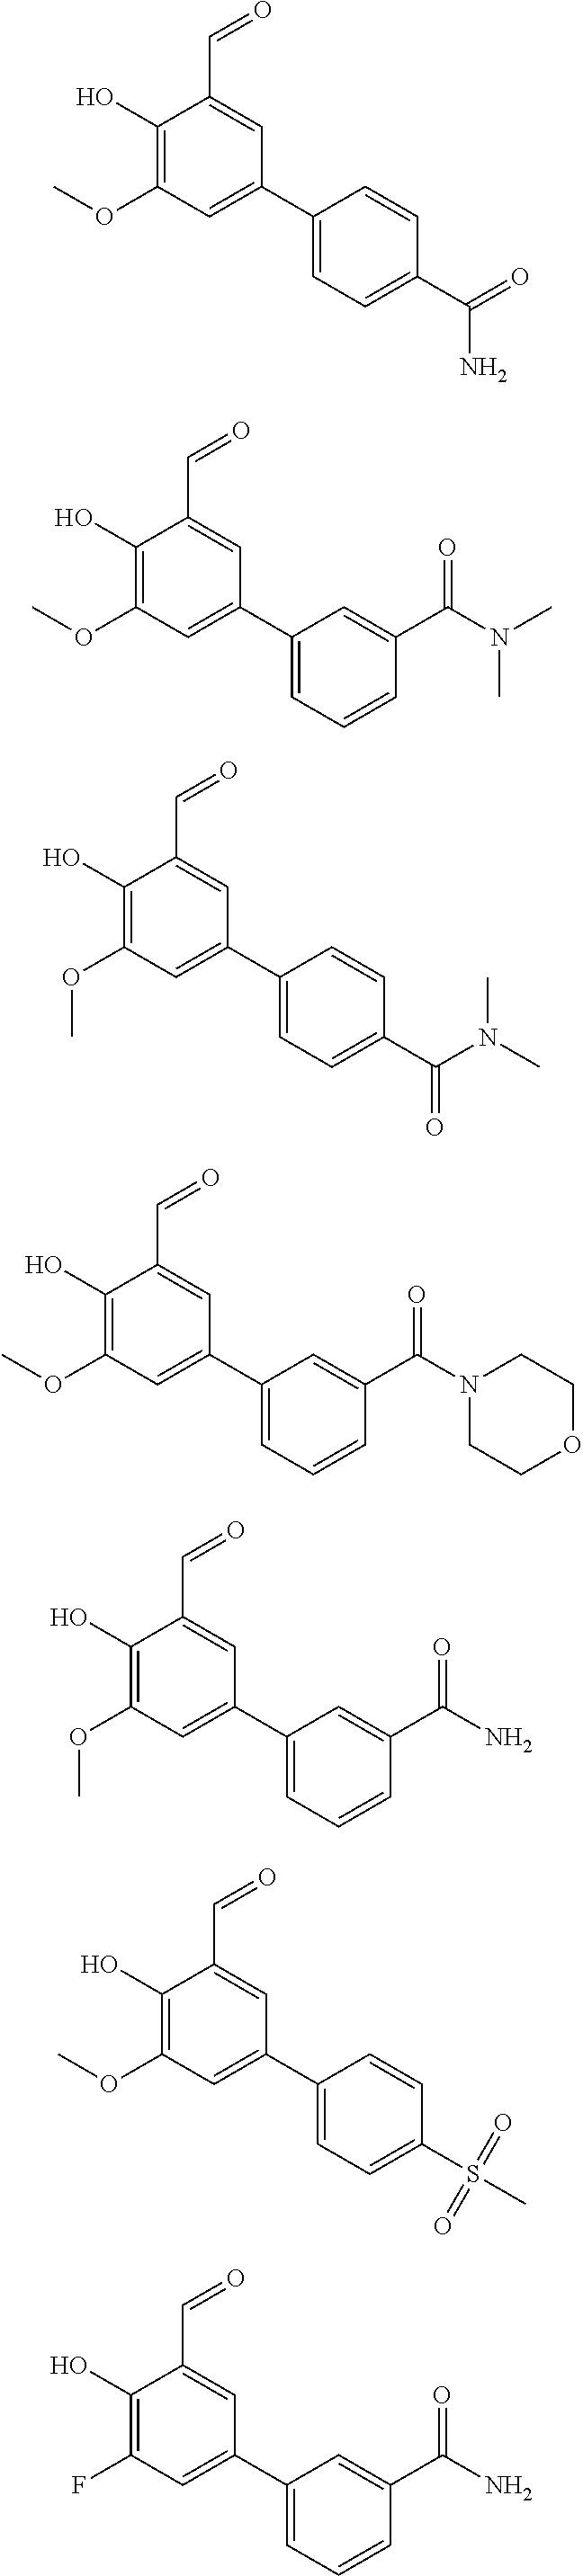 Figure US20110065162A1-20110317-C00111